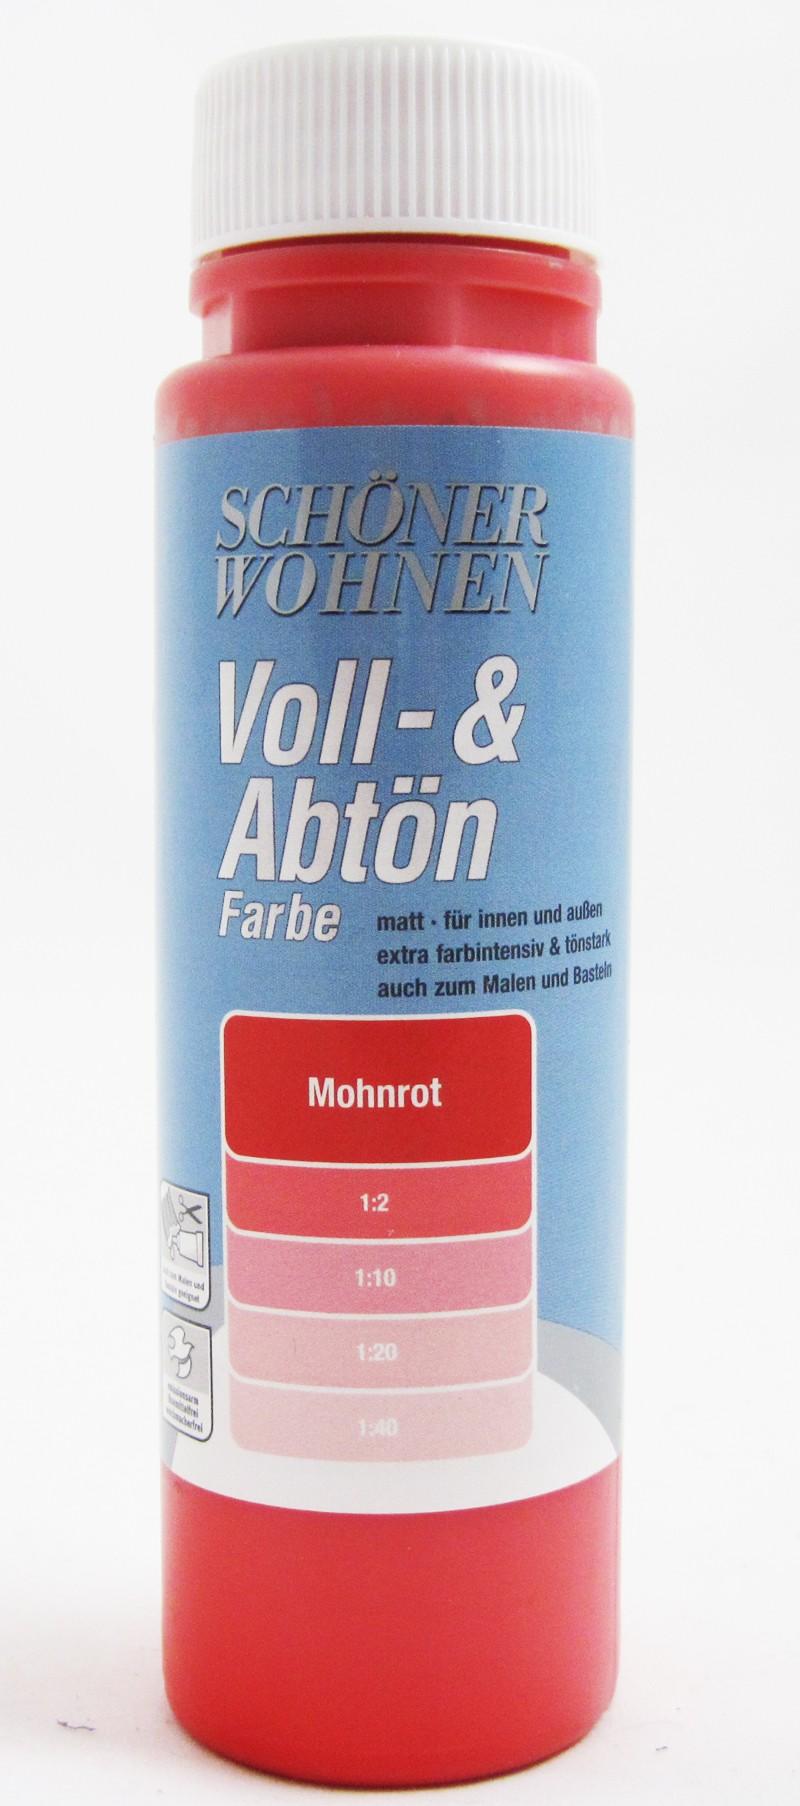 Voll- und Abtönfarbe Mohnrot 250 ml